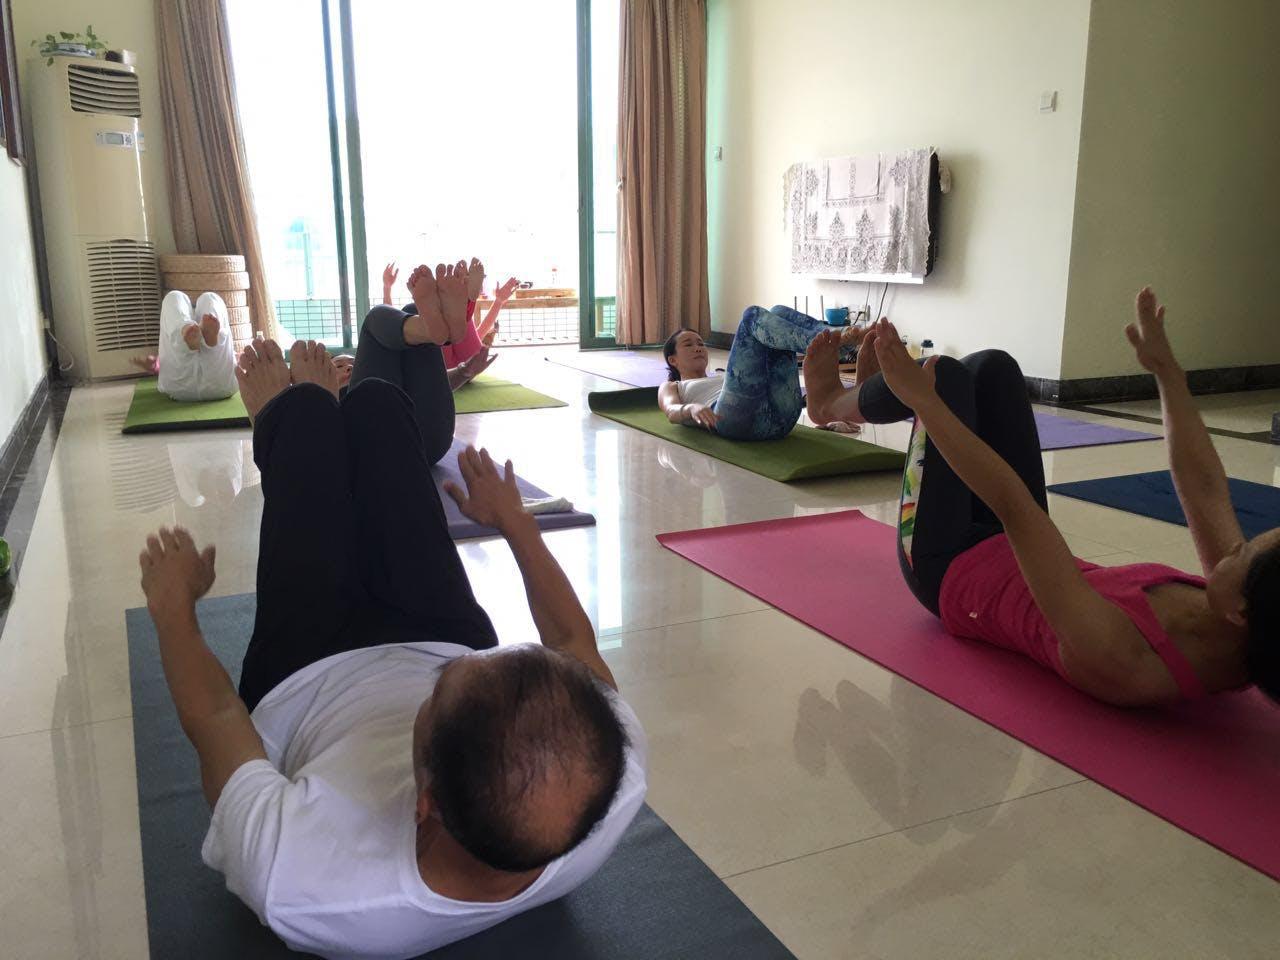 2016年9月11日素心瑜伽广州公益瑜伽 (7).jpg